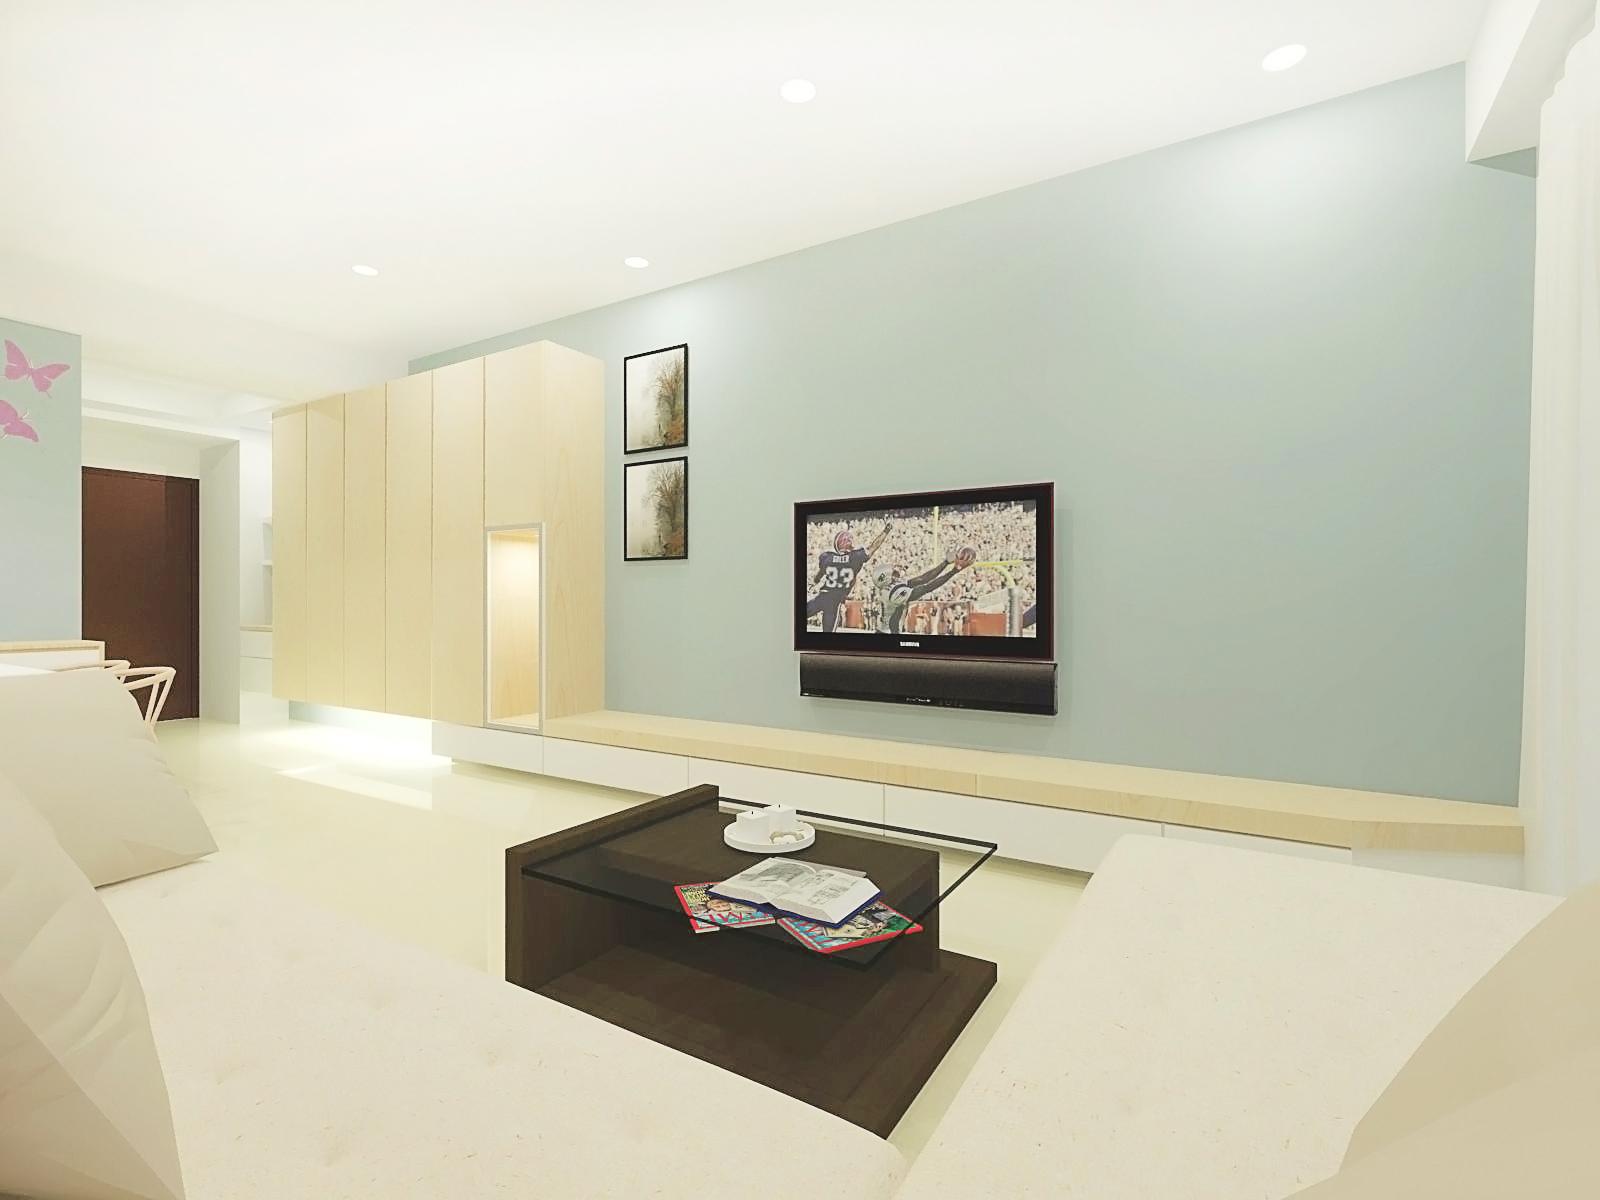 室內空間設計|室內設計作品|簡潔淡雅風格住宅